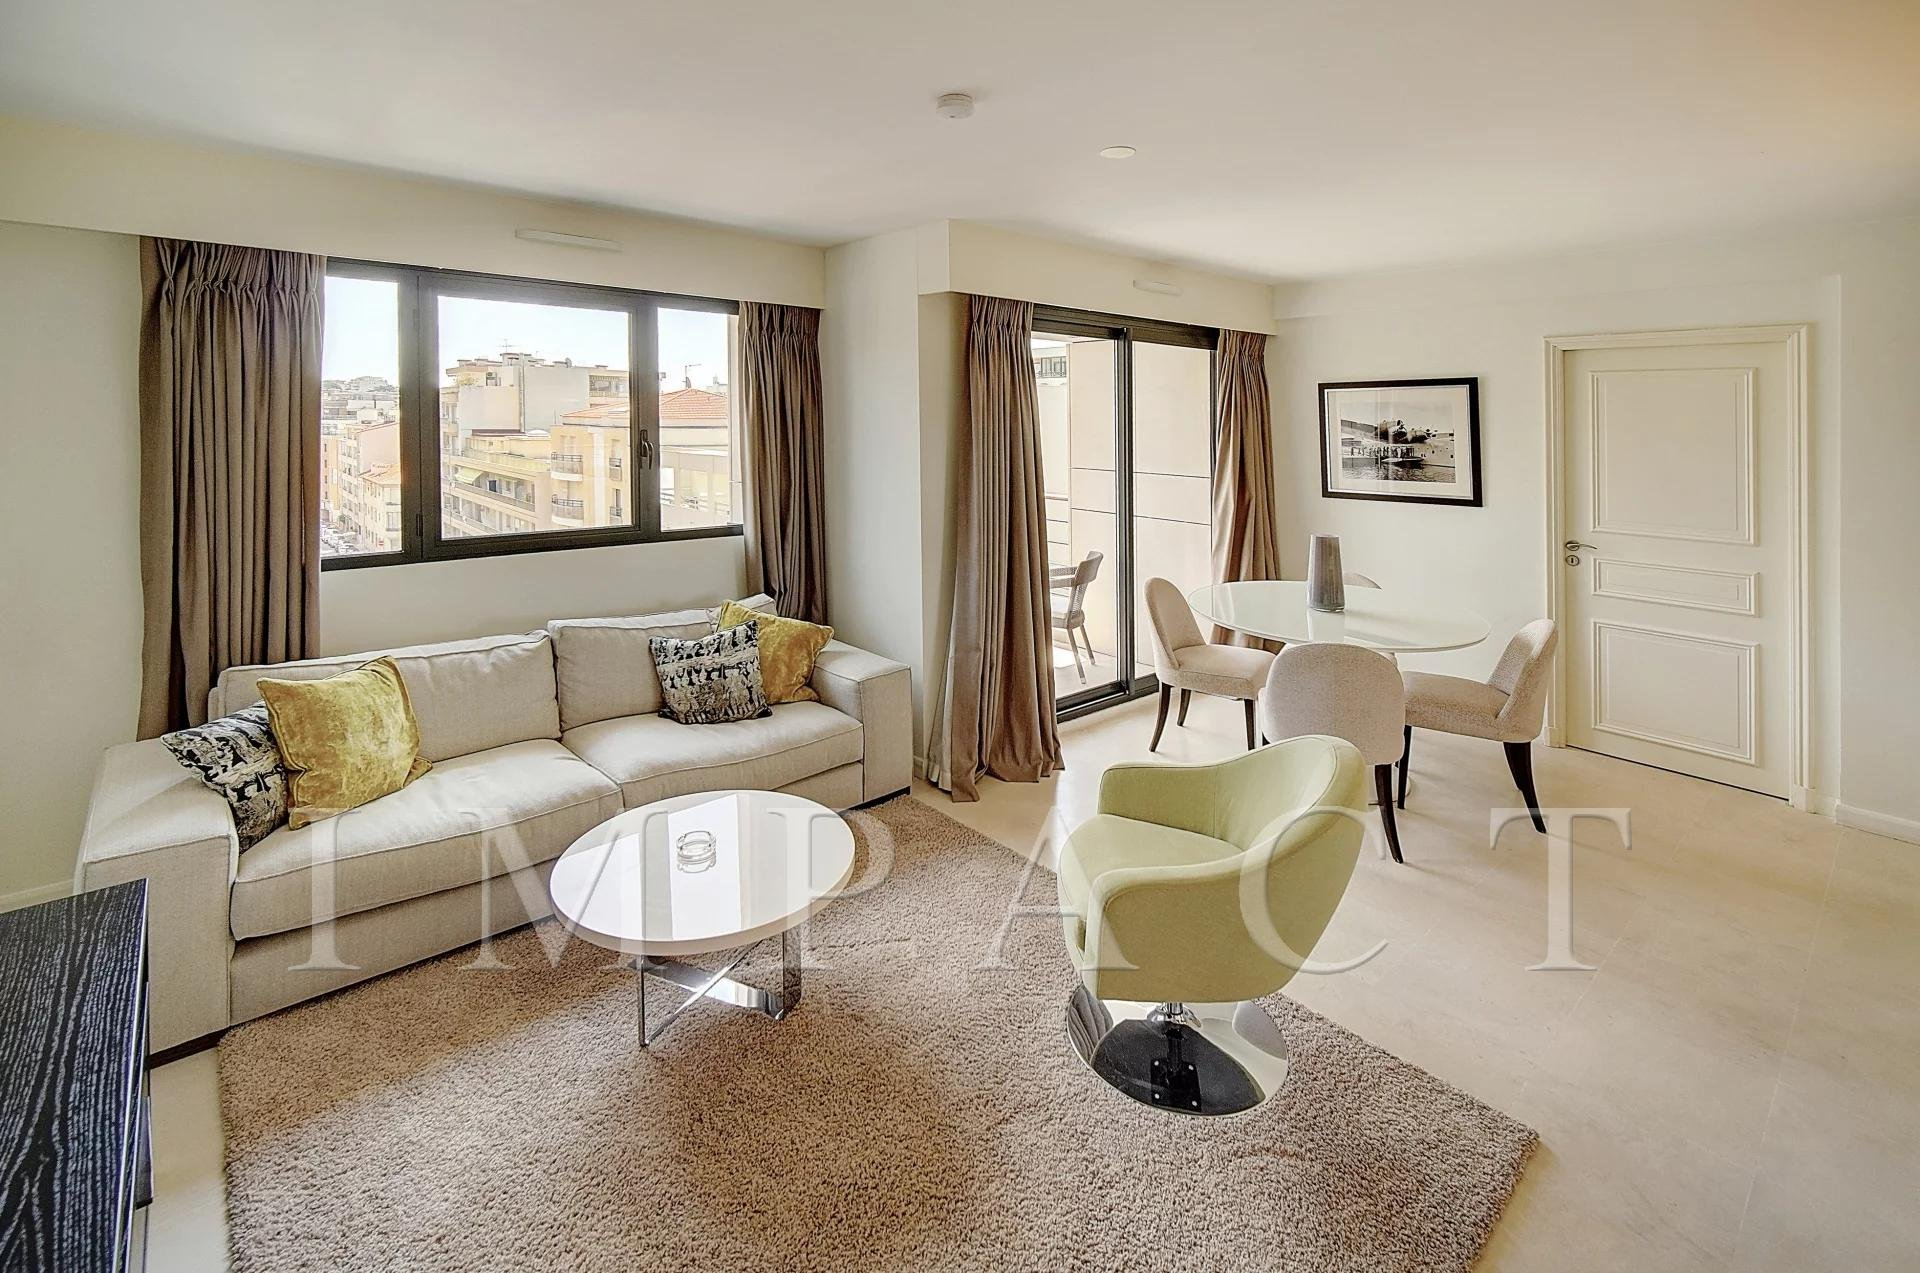 Magnifique appartement 2 pièces dans une résidence surveillée